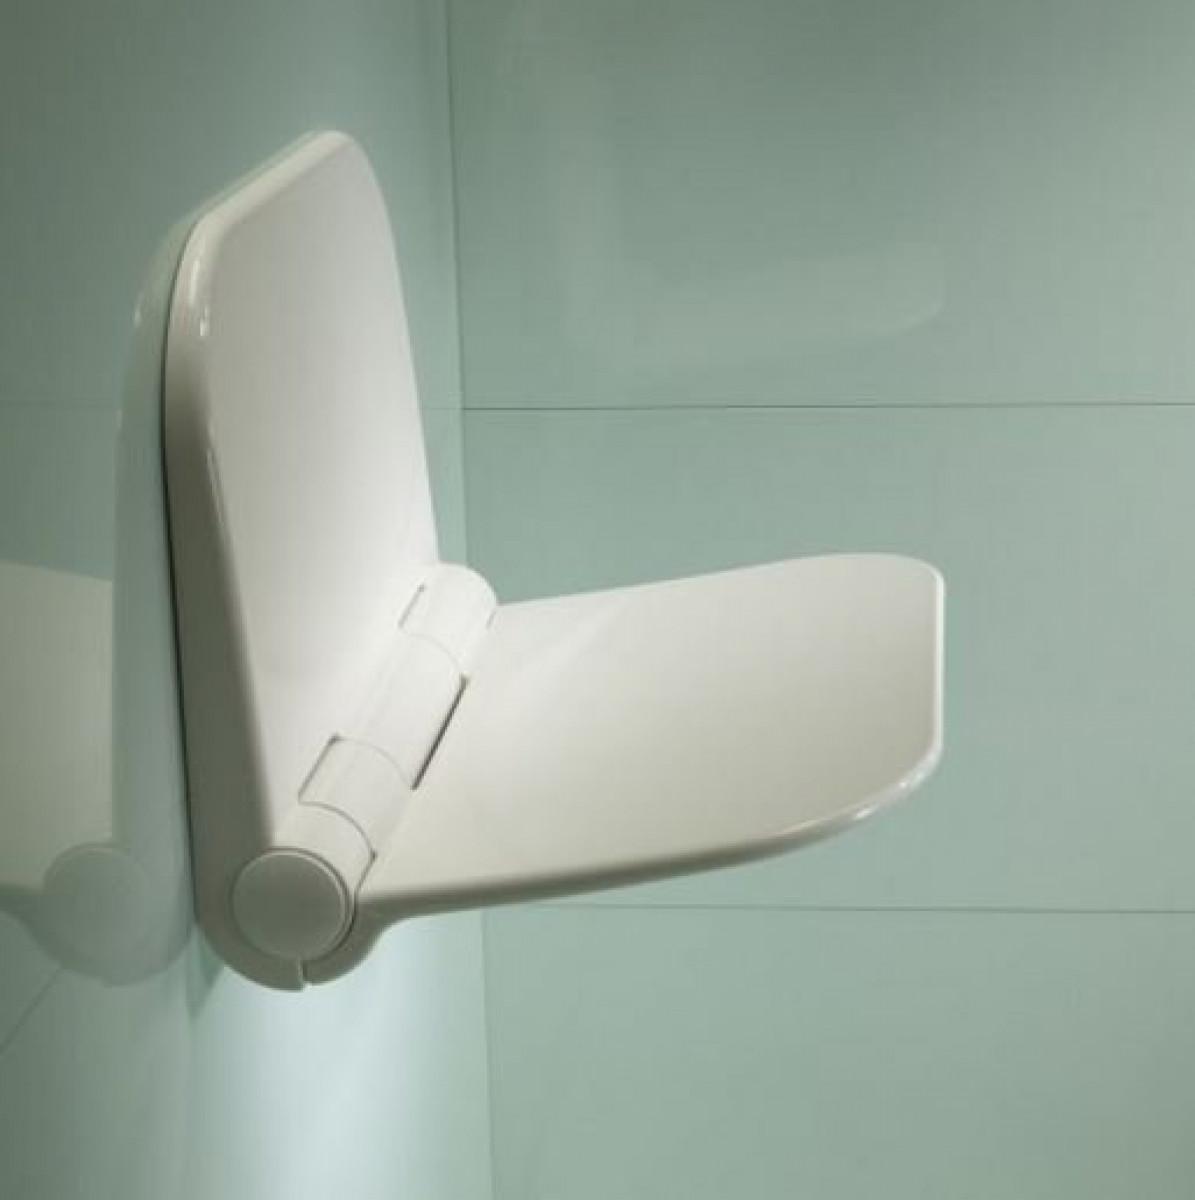 Roper Rhodes White Folding Shower Seat TR7001 -